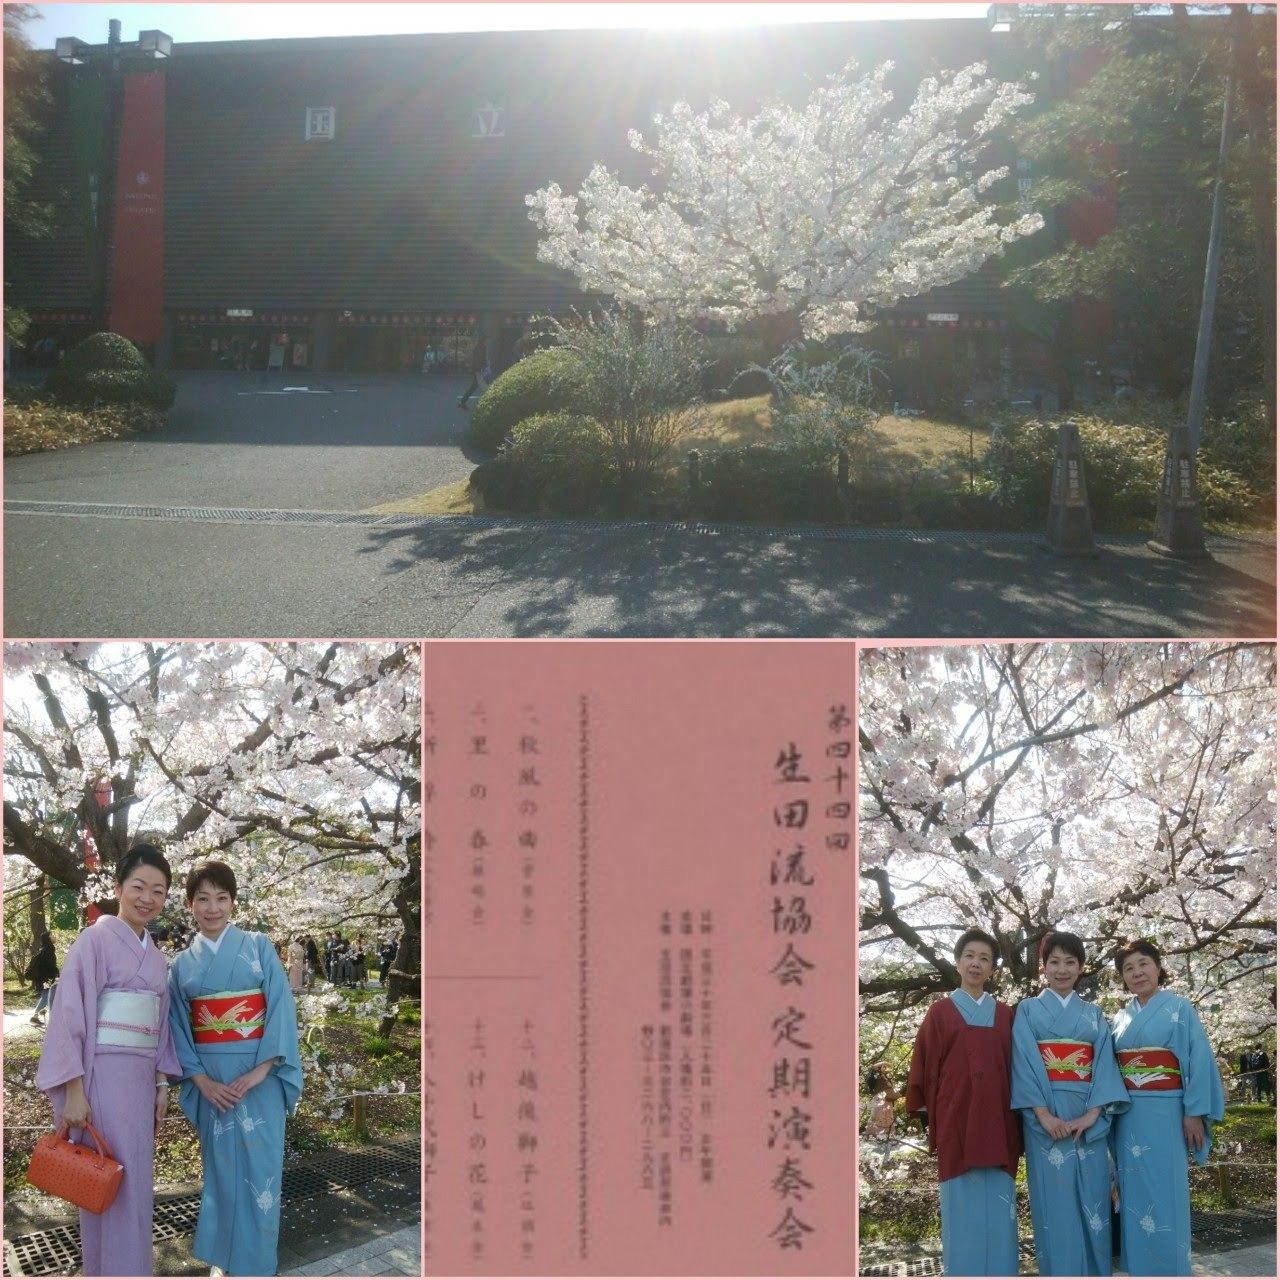 18-03-25-21-36-19-151_deco-1280x1280.jpg